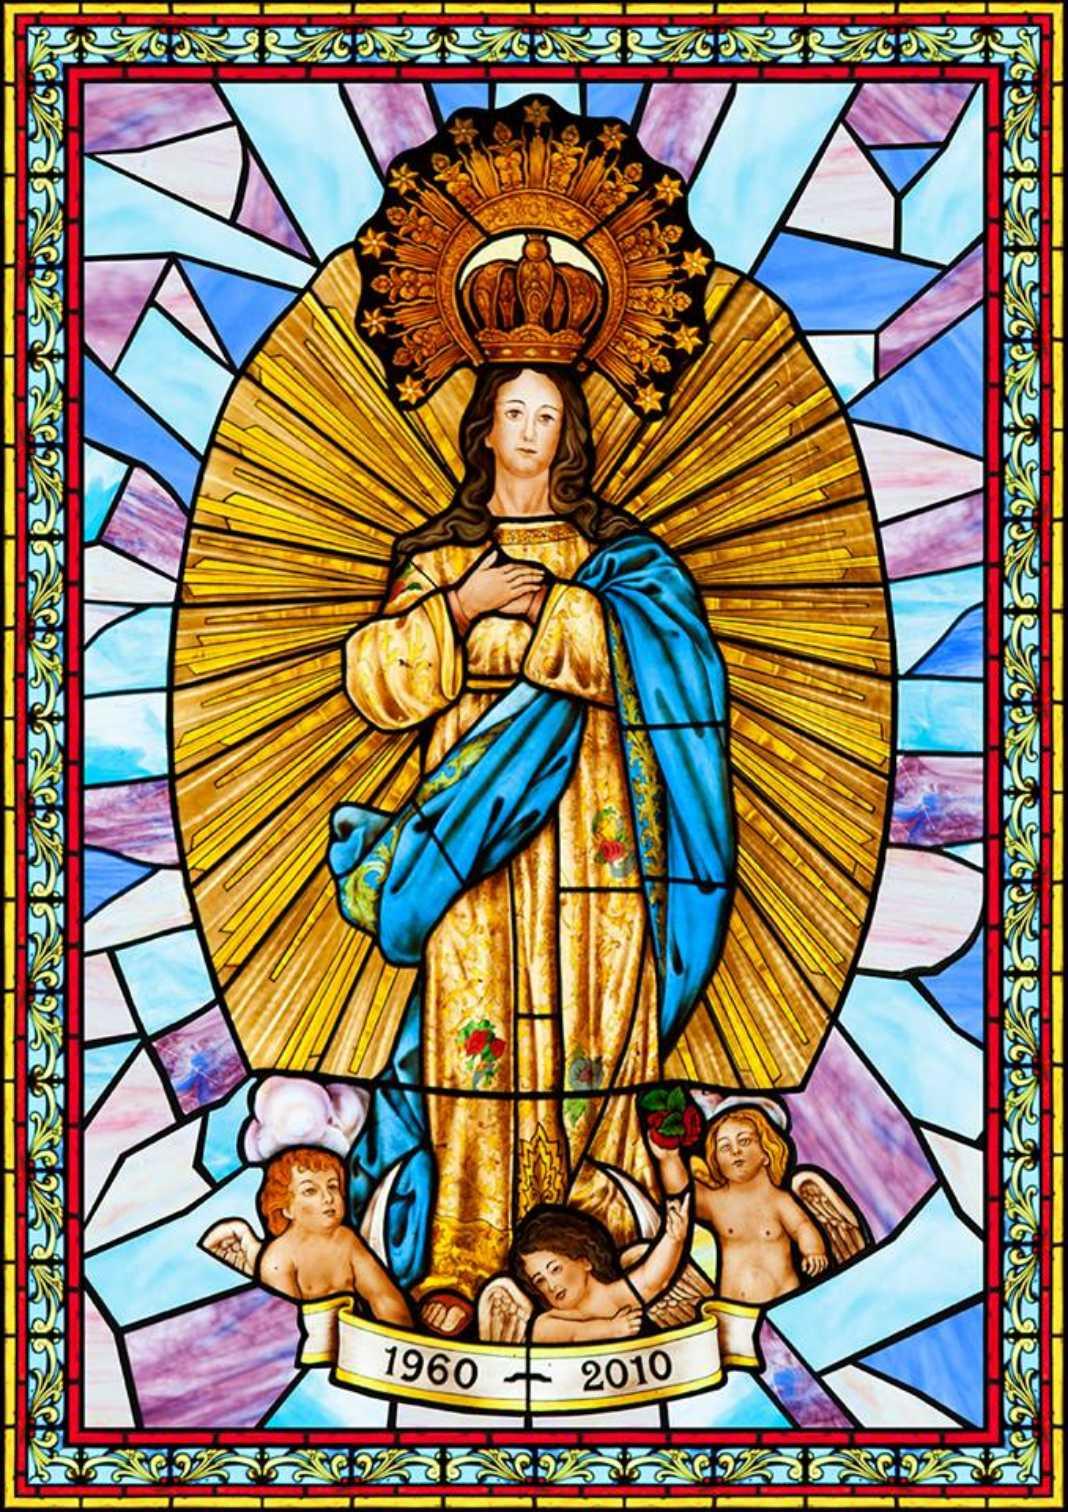 Cartel fiestas patronales inmaculada concepcion de Herencia 2017a 1068x1512 - Actos de las fiestas patronales en honor a la Inmaculada Concepción